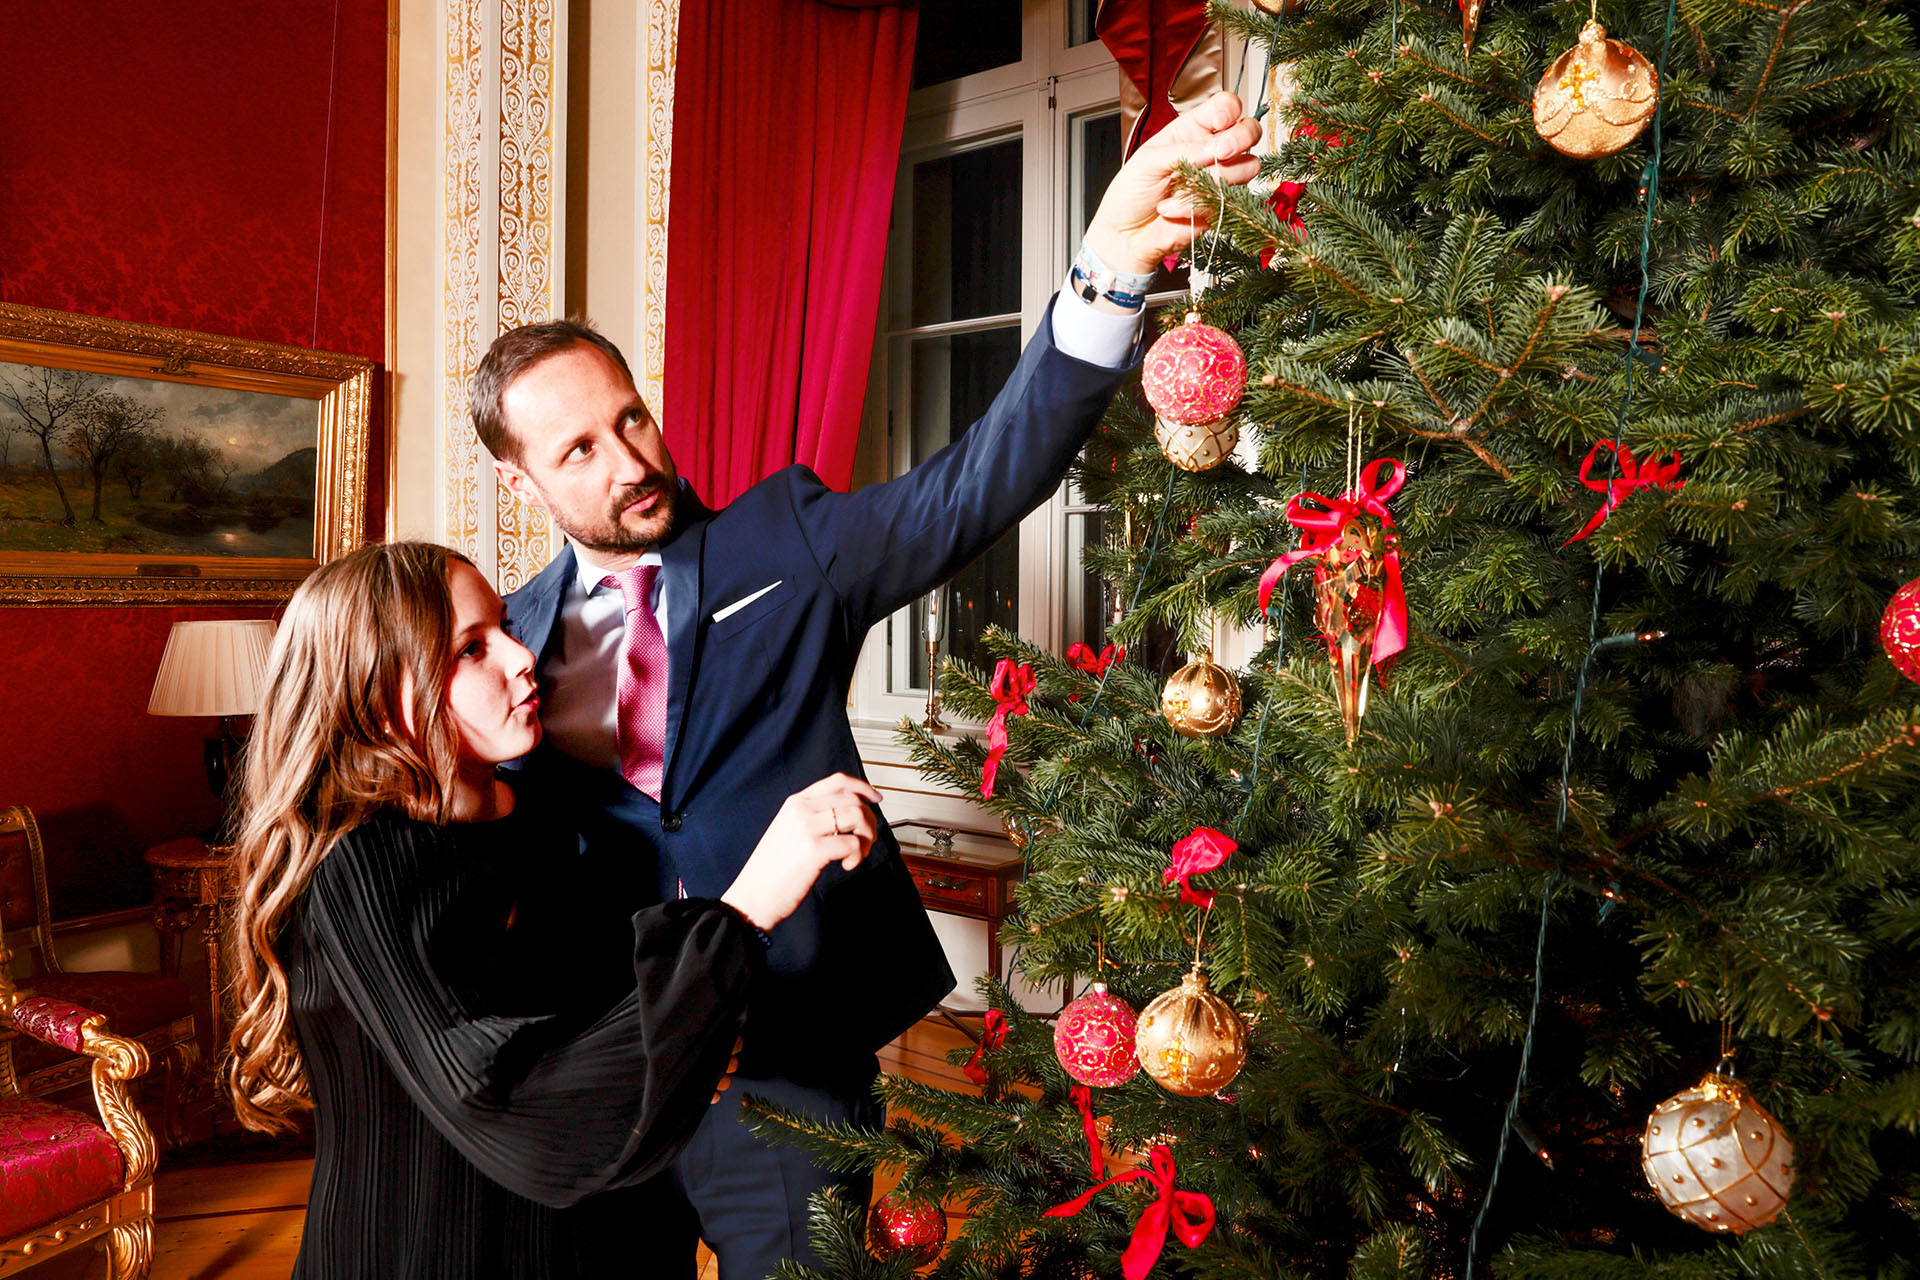 La princesa Ingrid Alexandra junto a su padre Haakon, el heredero al trono noruego, decorando el árbol